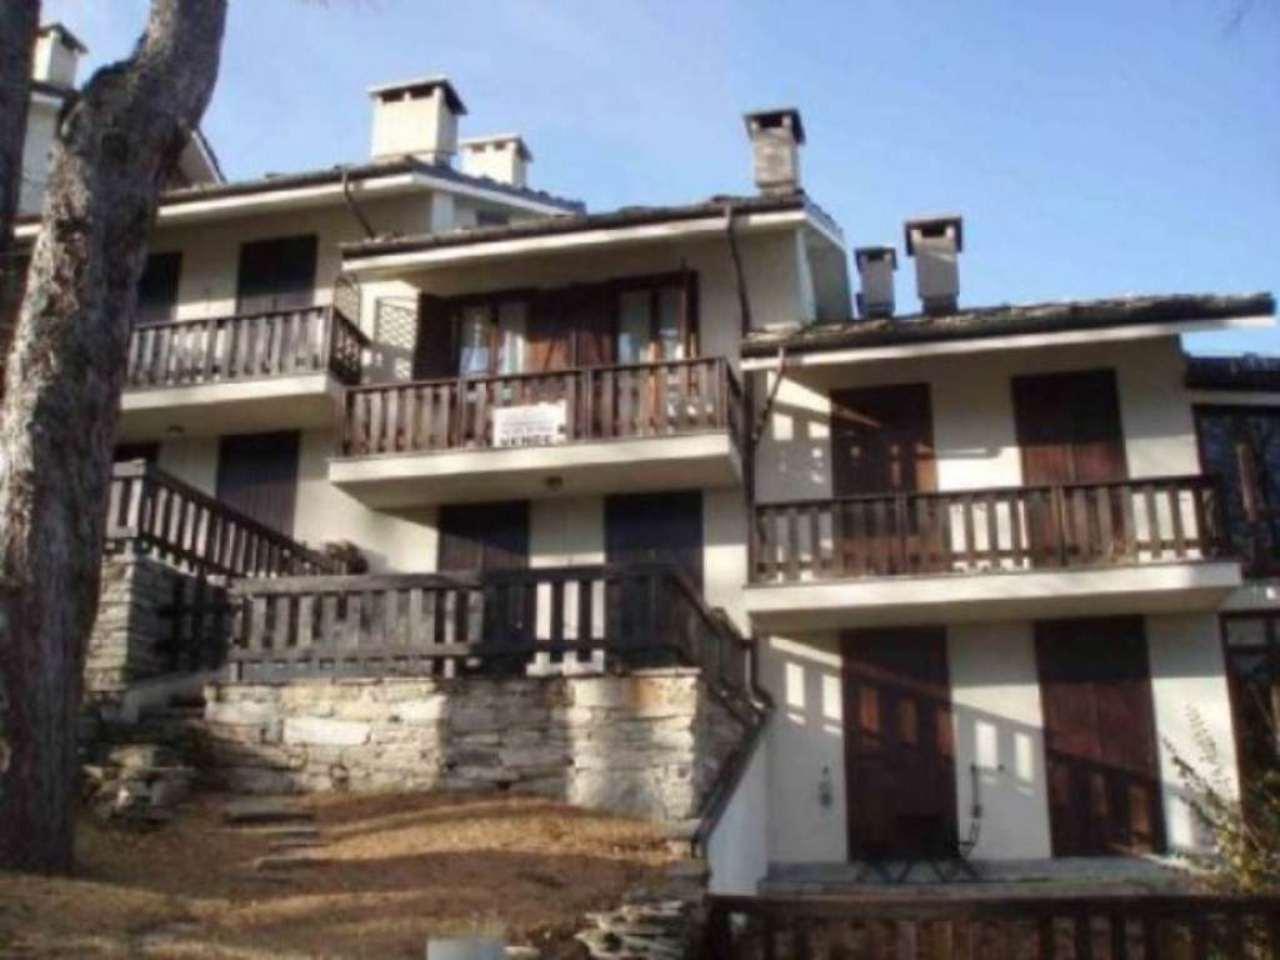 Appartamento in vendita a Bagnolo Piemonte, 2 locali, prezzo € 45.000 | CambioCasa.it